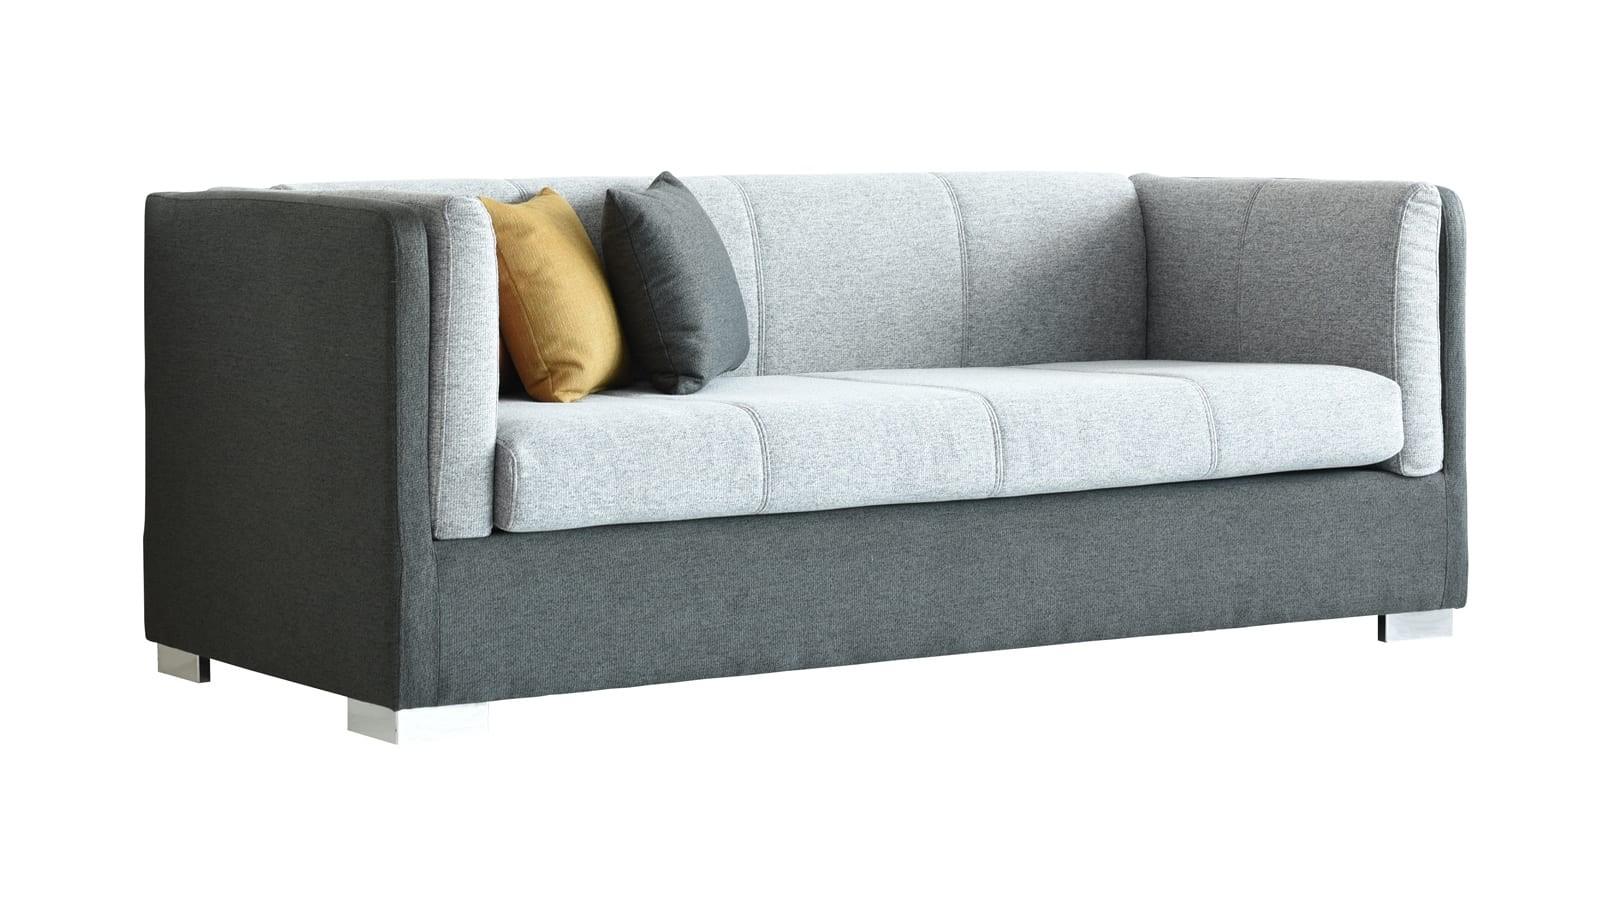 Canapé 3 places style retro en tissu bicolore gris